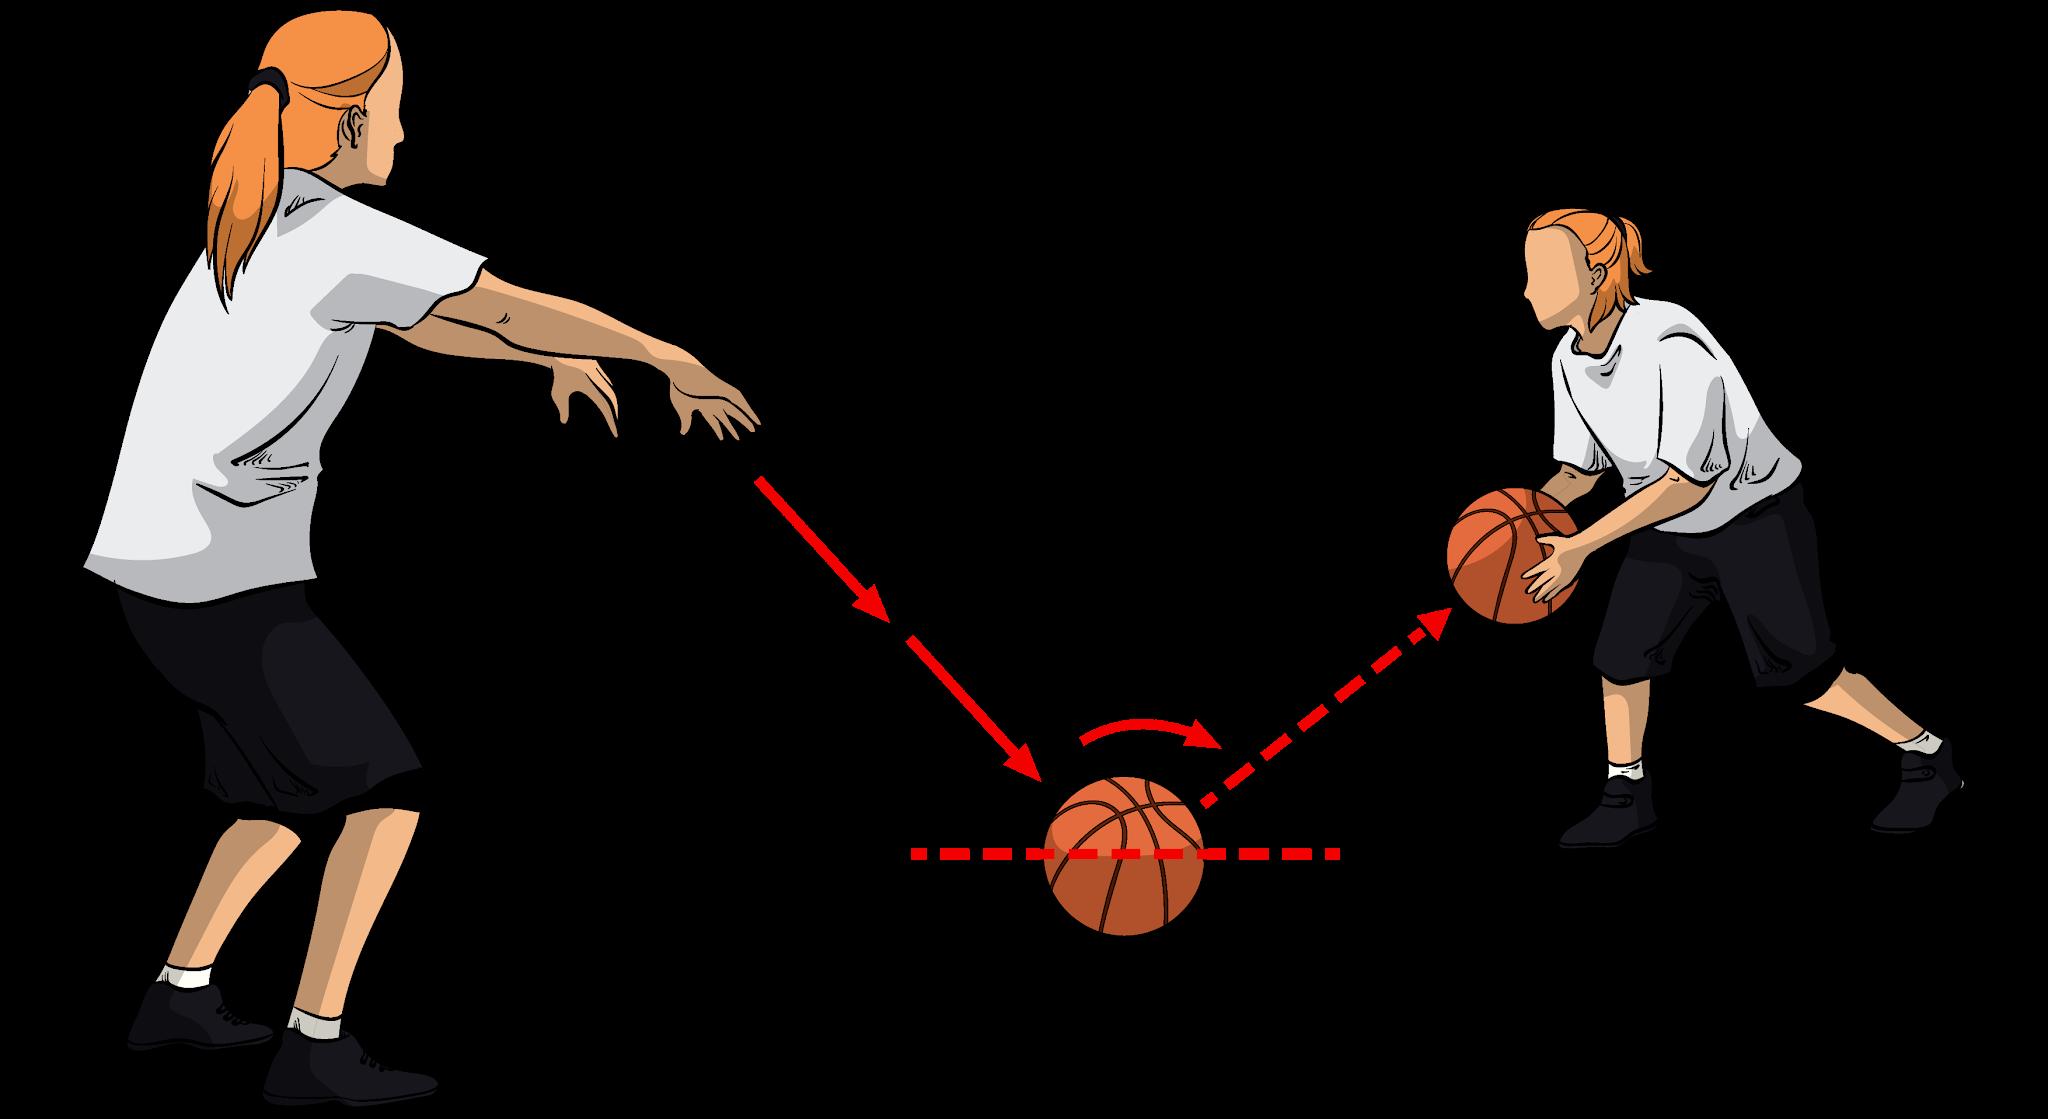 Pengertian Bounce Pass Bola Basket Beserta Cara Melakukan Penjasorkes